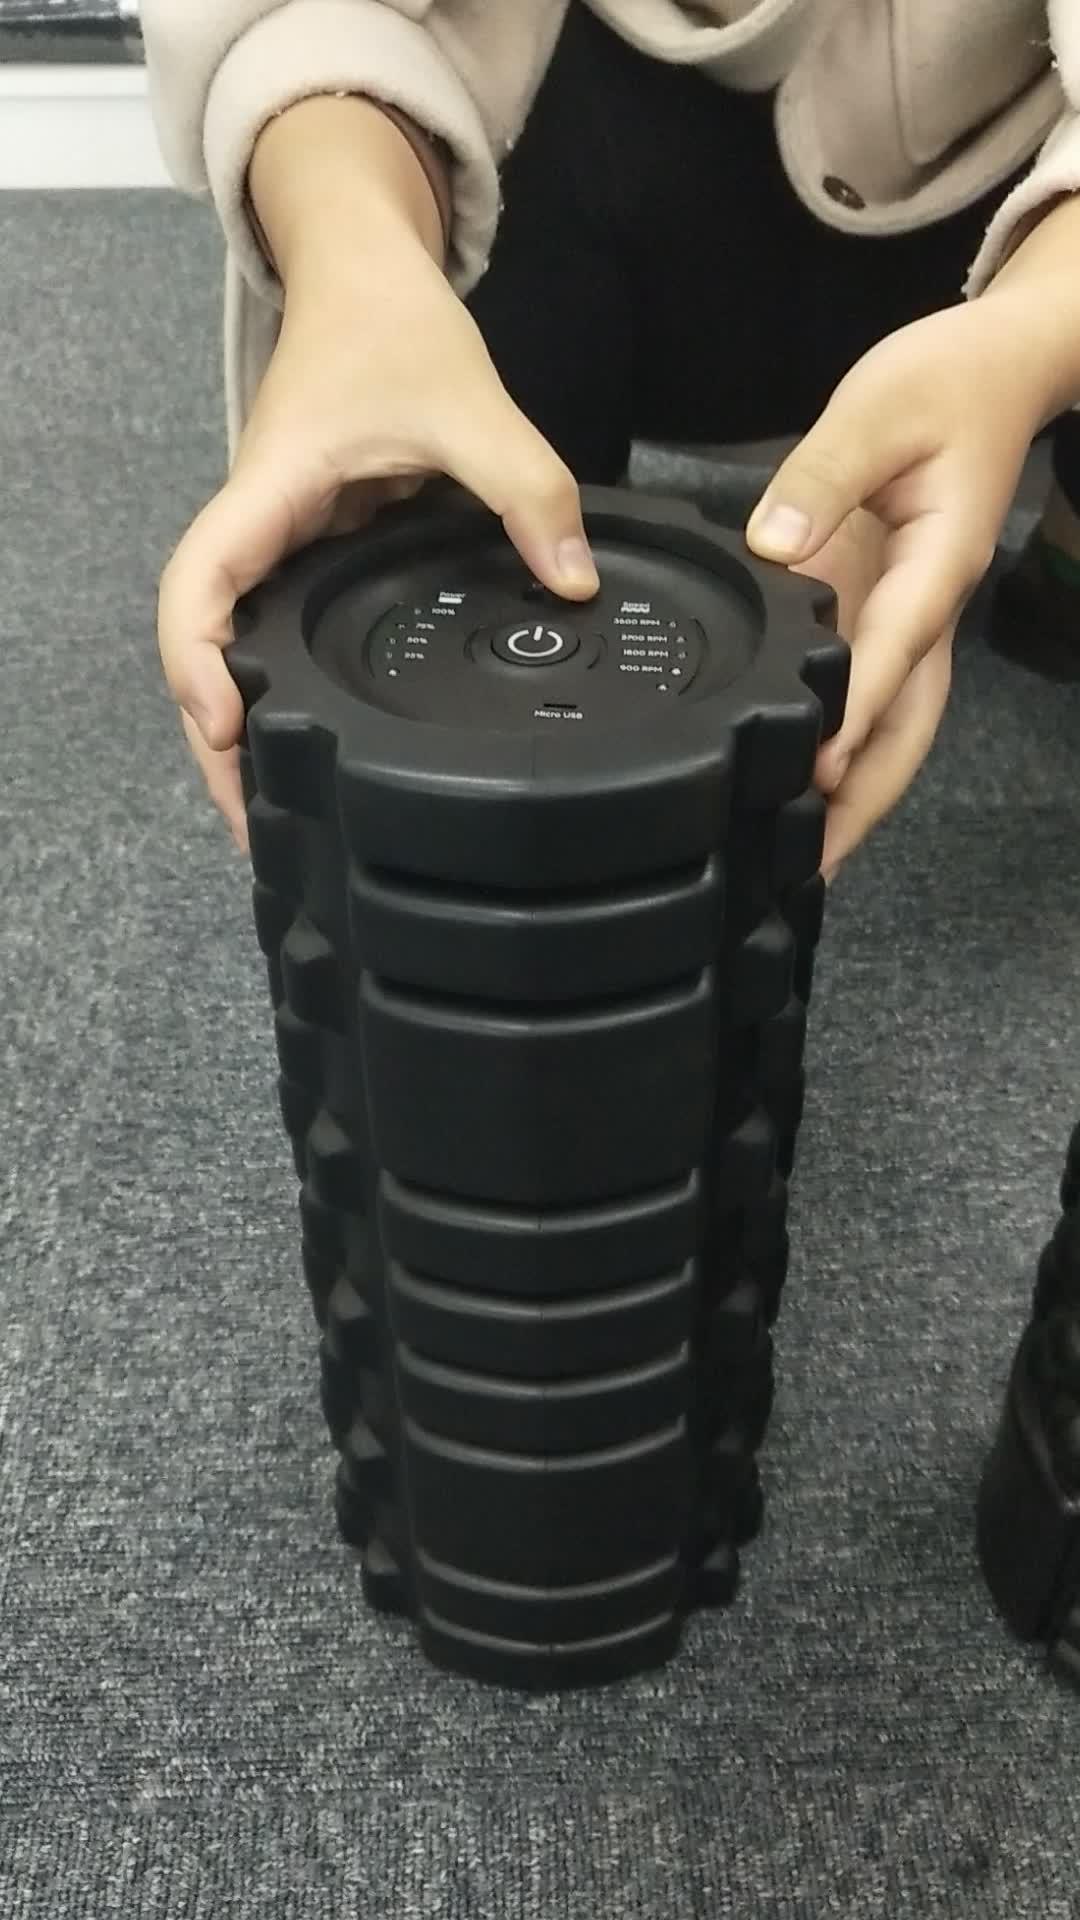 Yoga Fitness Elétrica Vibratório Rolo de Espuma